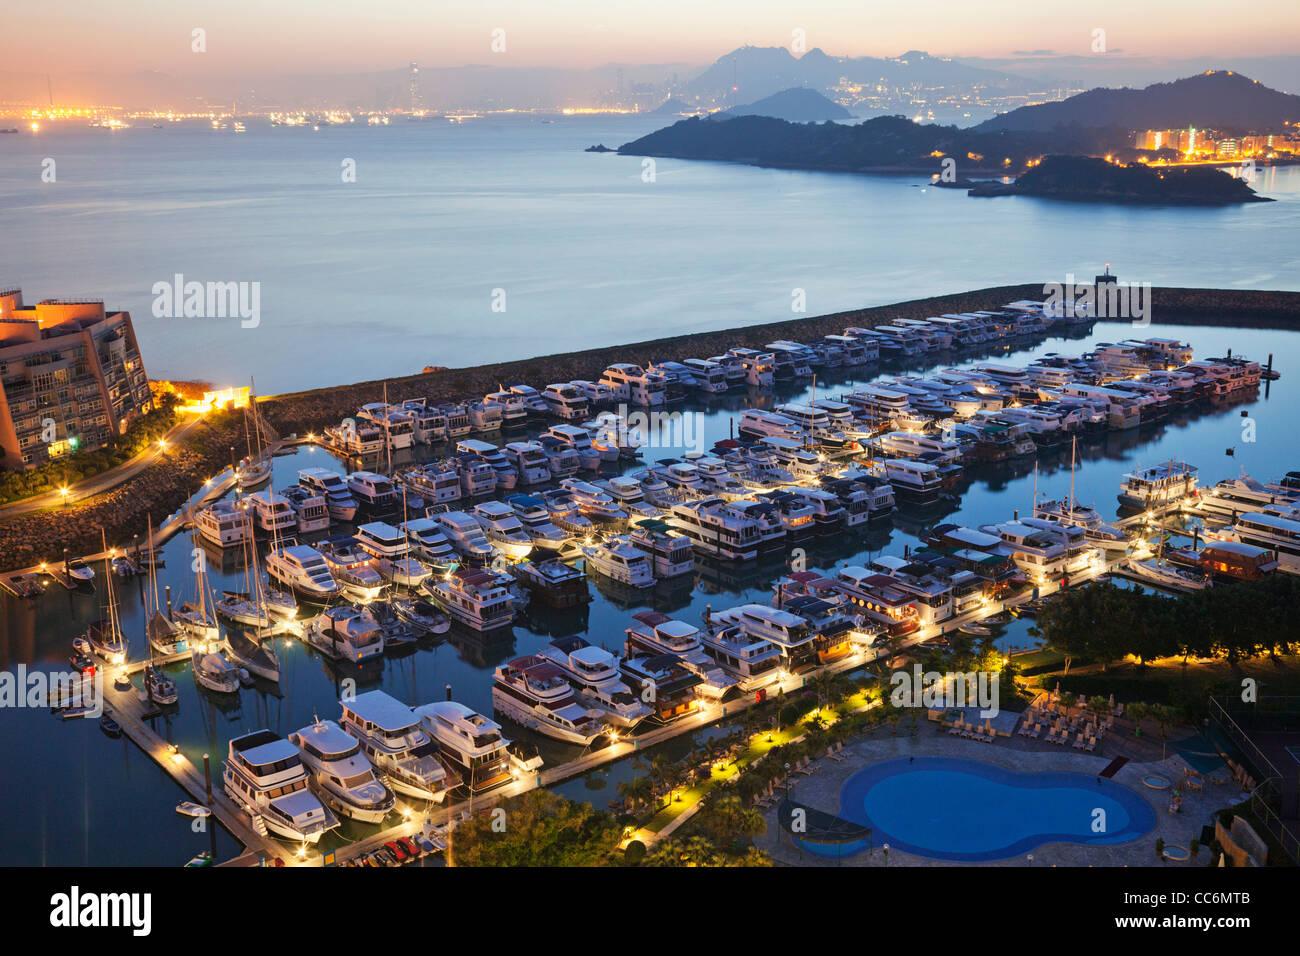 China Hong Kong Lantau Discovery Bay Discovery Bay